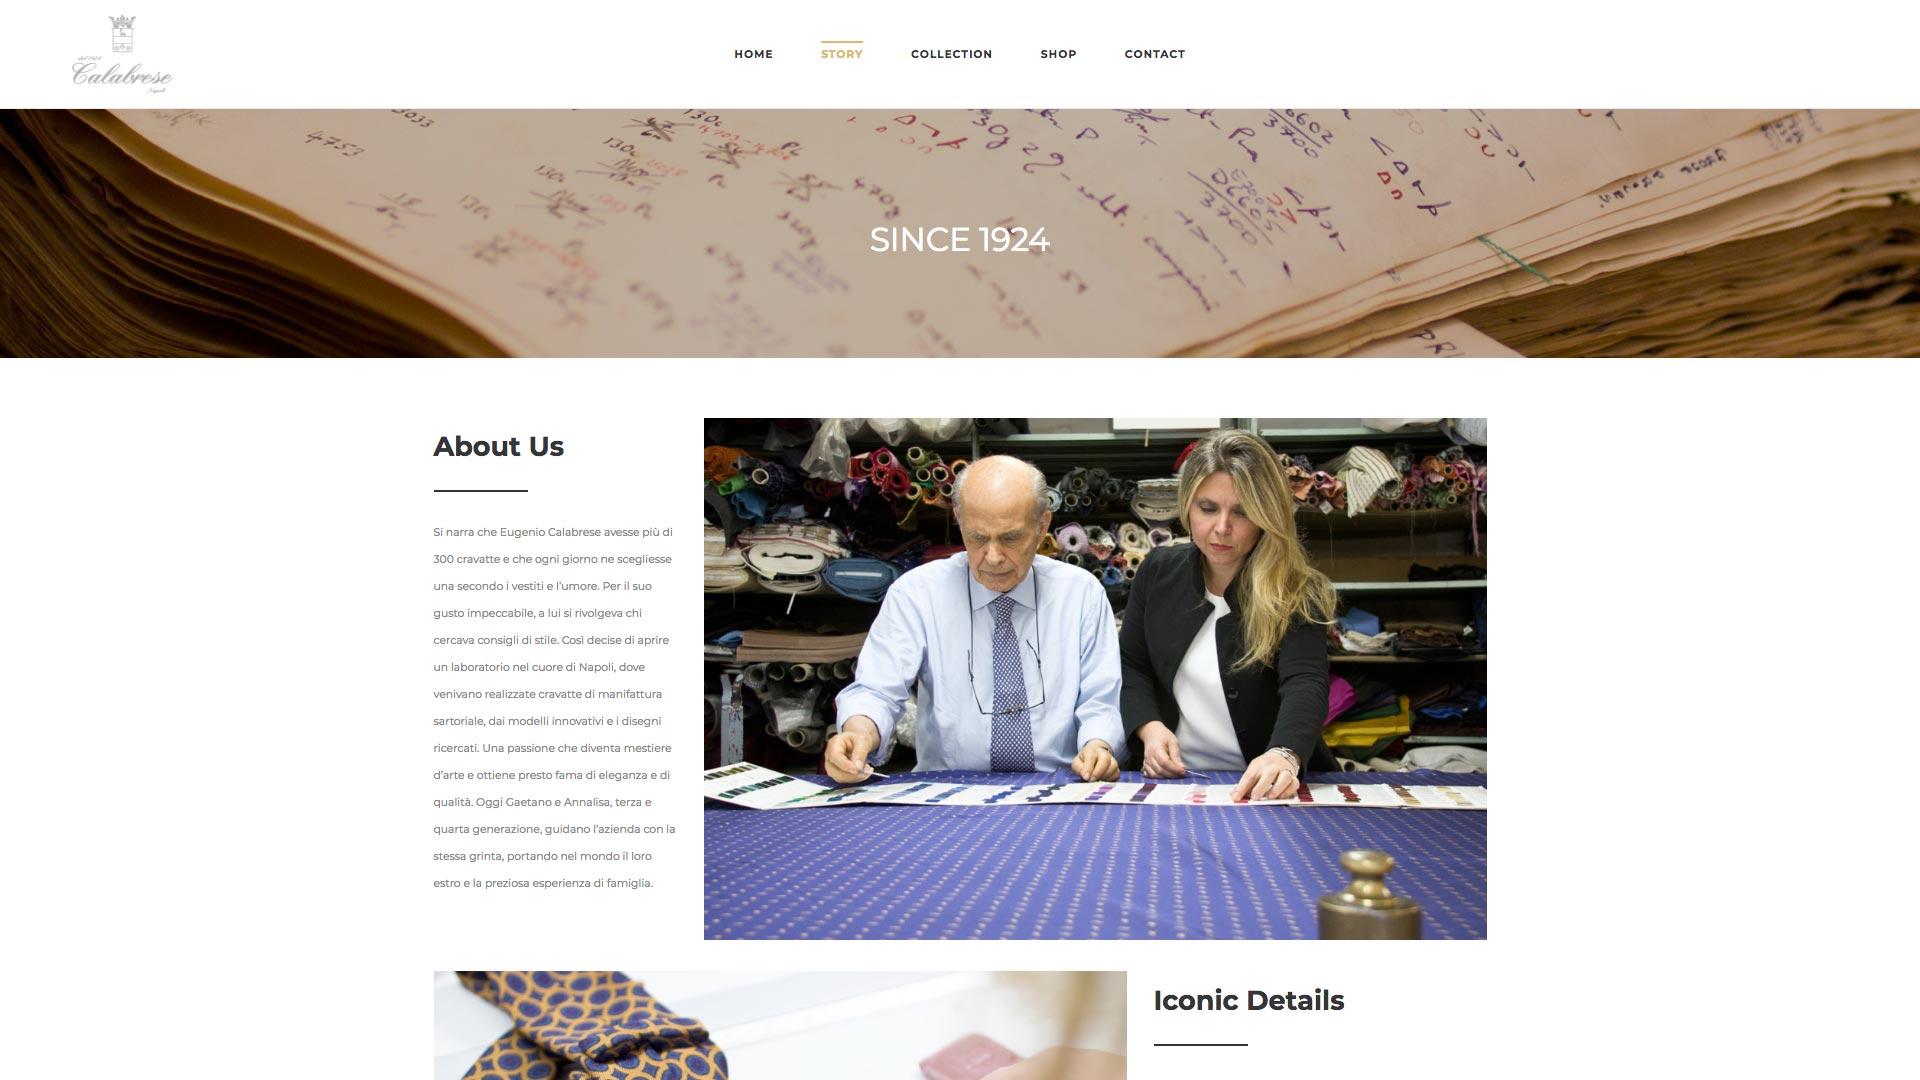 agenzia-comunicazione-napoli-roberto-guariglia-advertising-portfolio-work-fashion-sartoria-calabrese-cravatte-napoli-cravatte-sartoriali-napoli-annalisa-calabrese-1.jpg